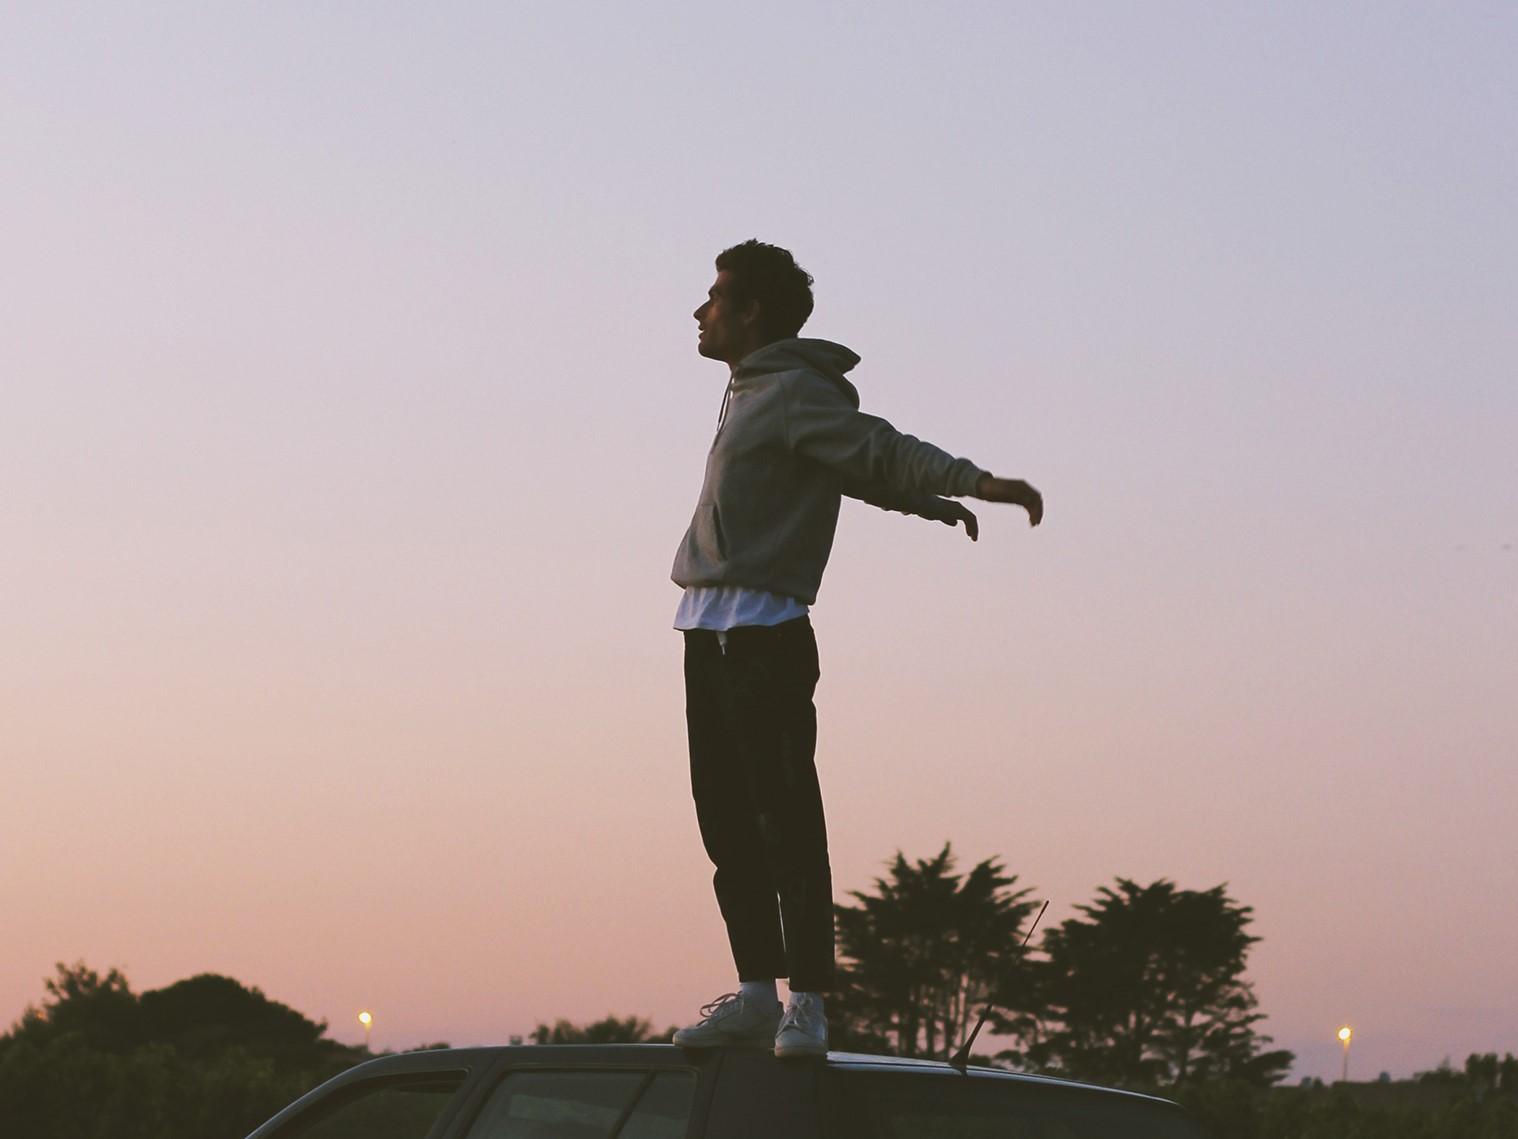 Oscar Anton steht auf einem Auto mit Sonnenaufgang im Hintergrund